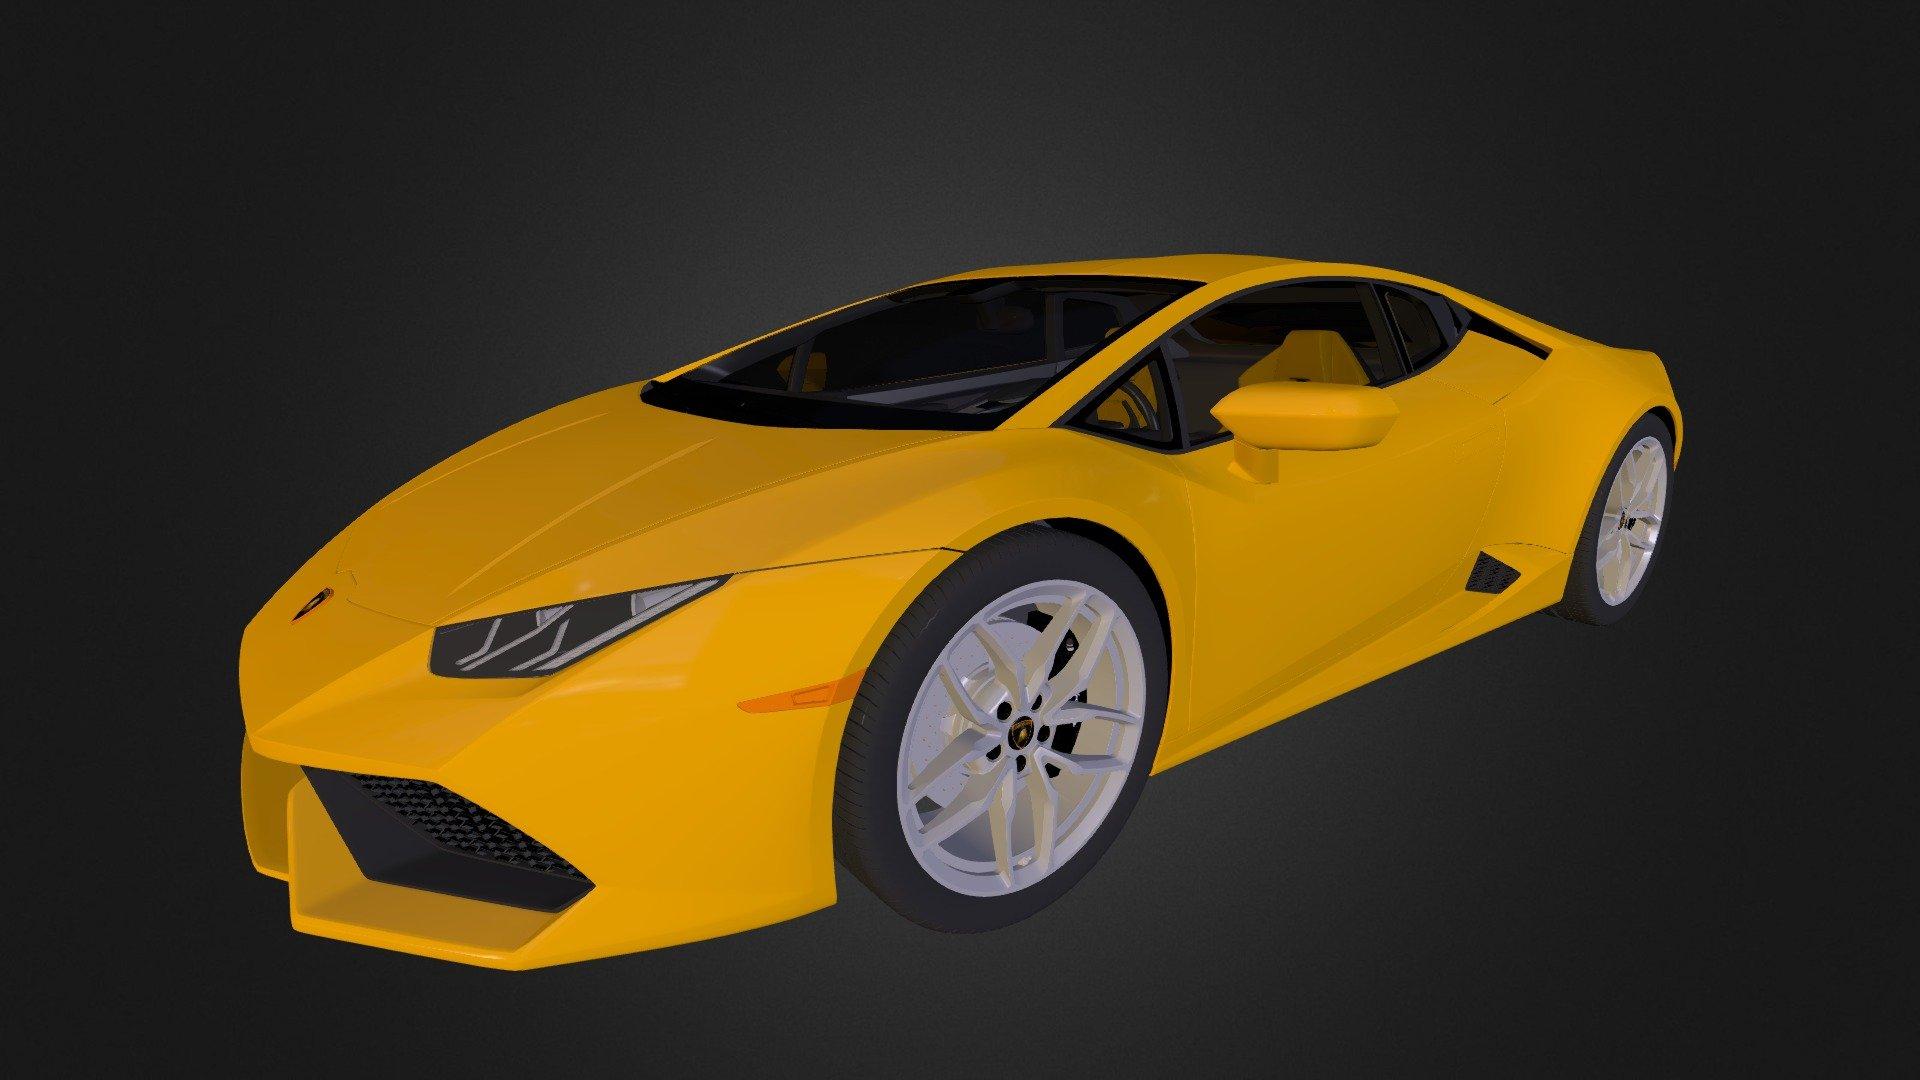 Lamborghini Huracan 3d Model By Romhook Romhook 45a8ed5 Sketchfab